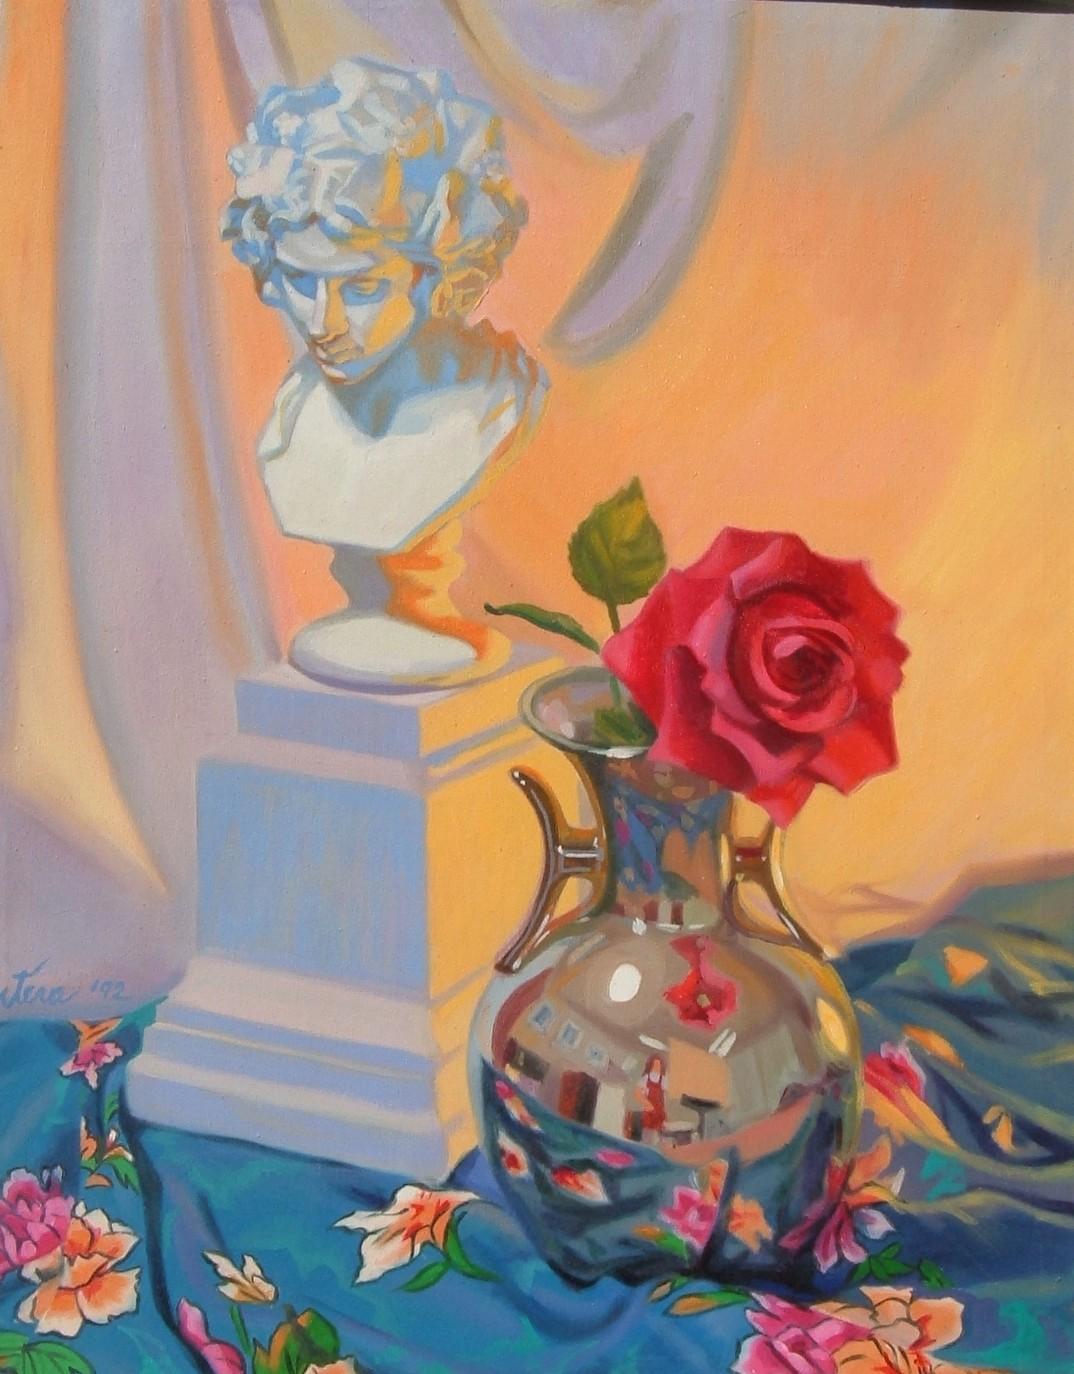 reflection_in_studio.jpg